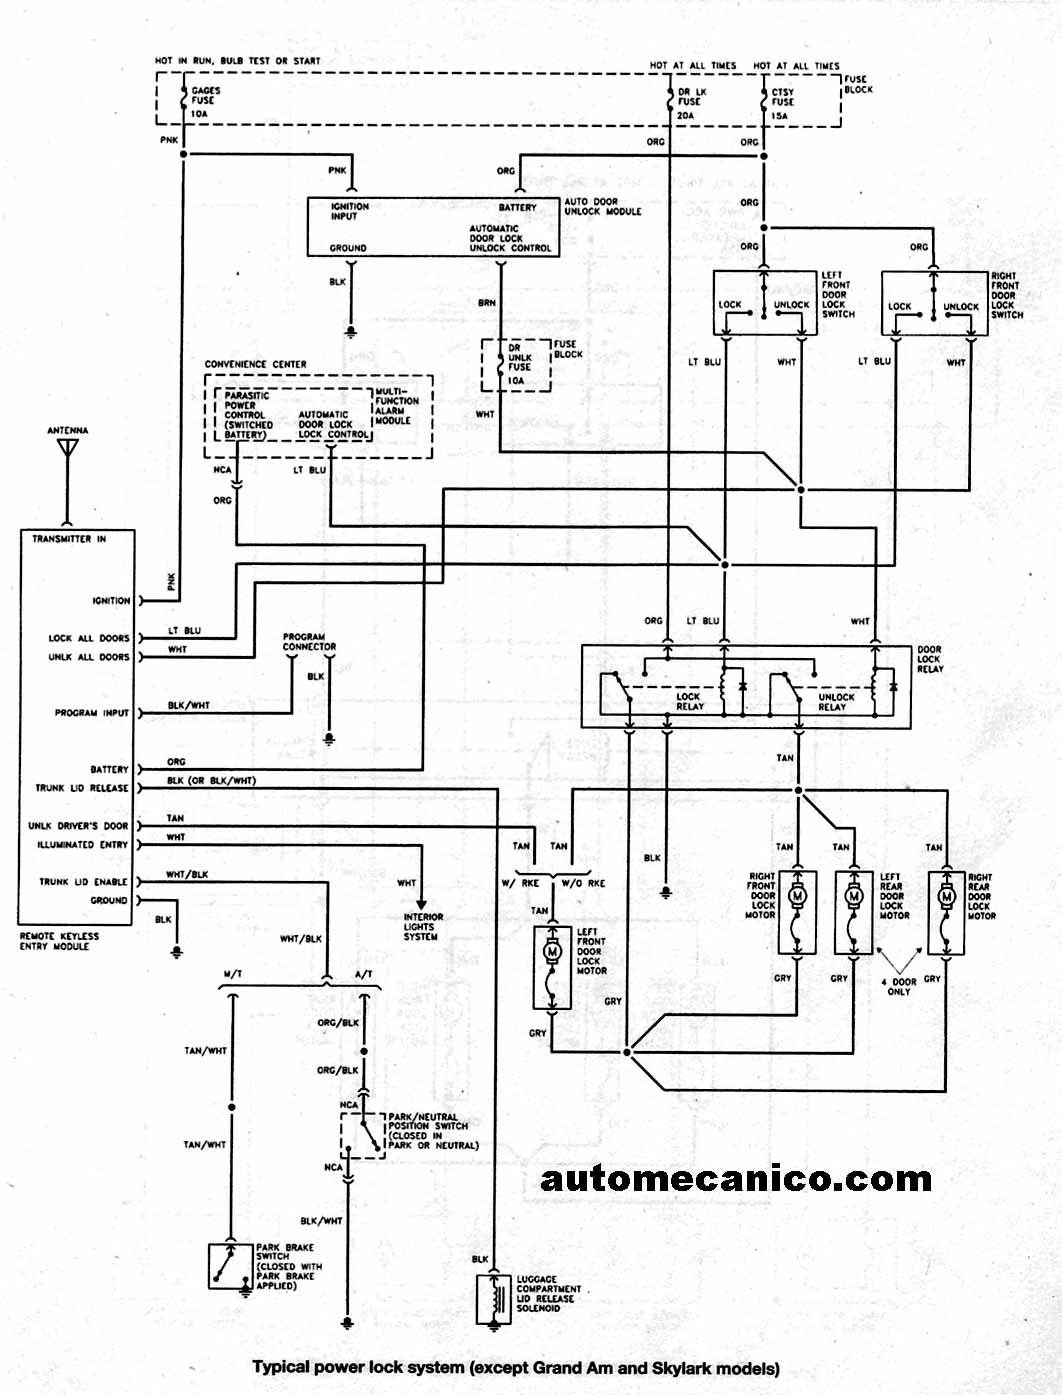 chery diagrama de cableado de autos